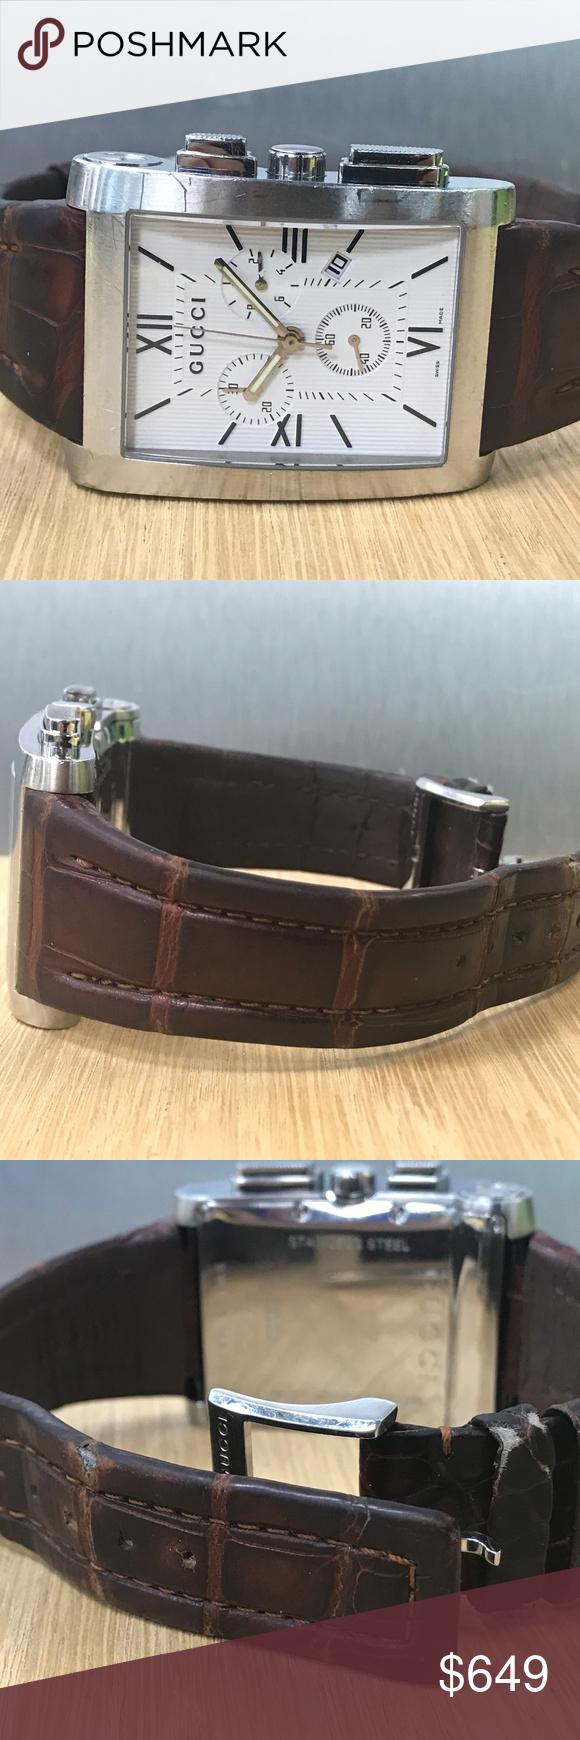 e59768ea163 Gucci 8600 Stainless Steel Quartz Men s Watch